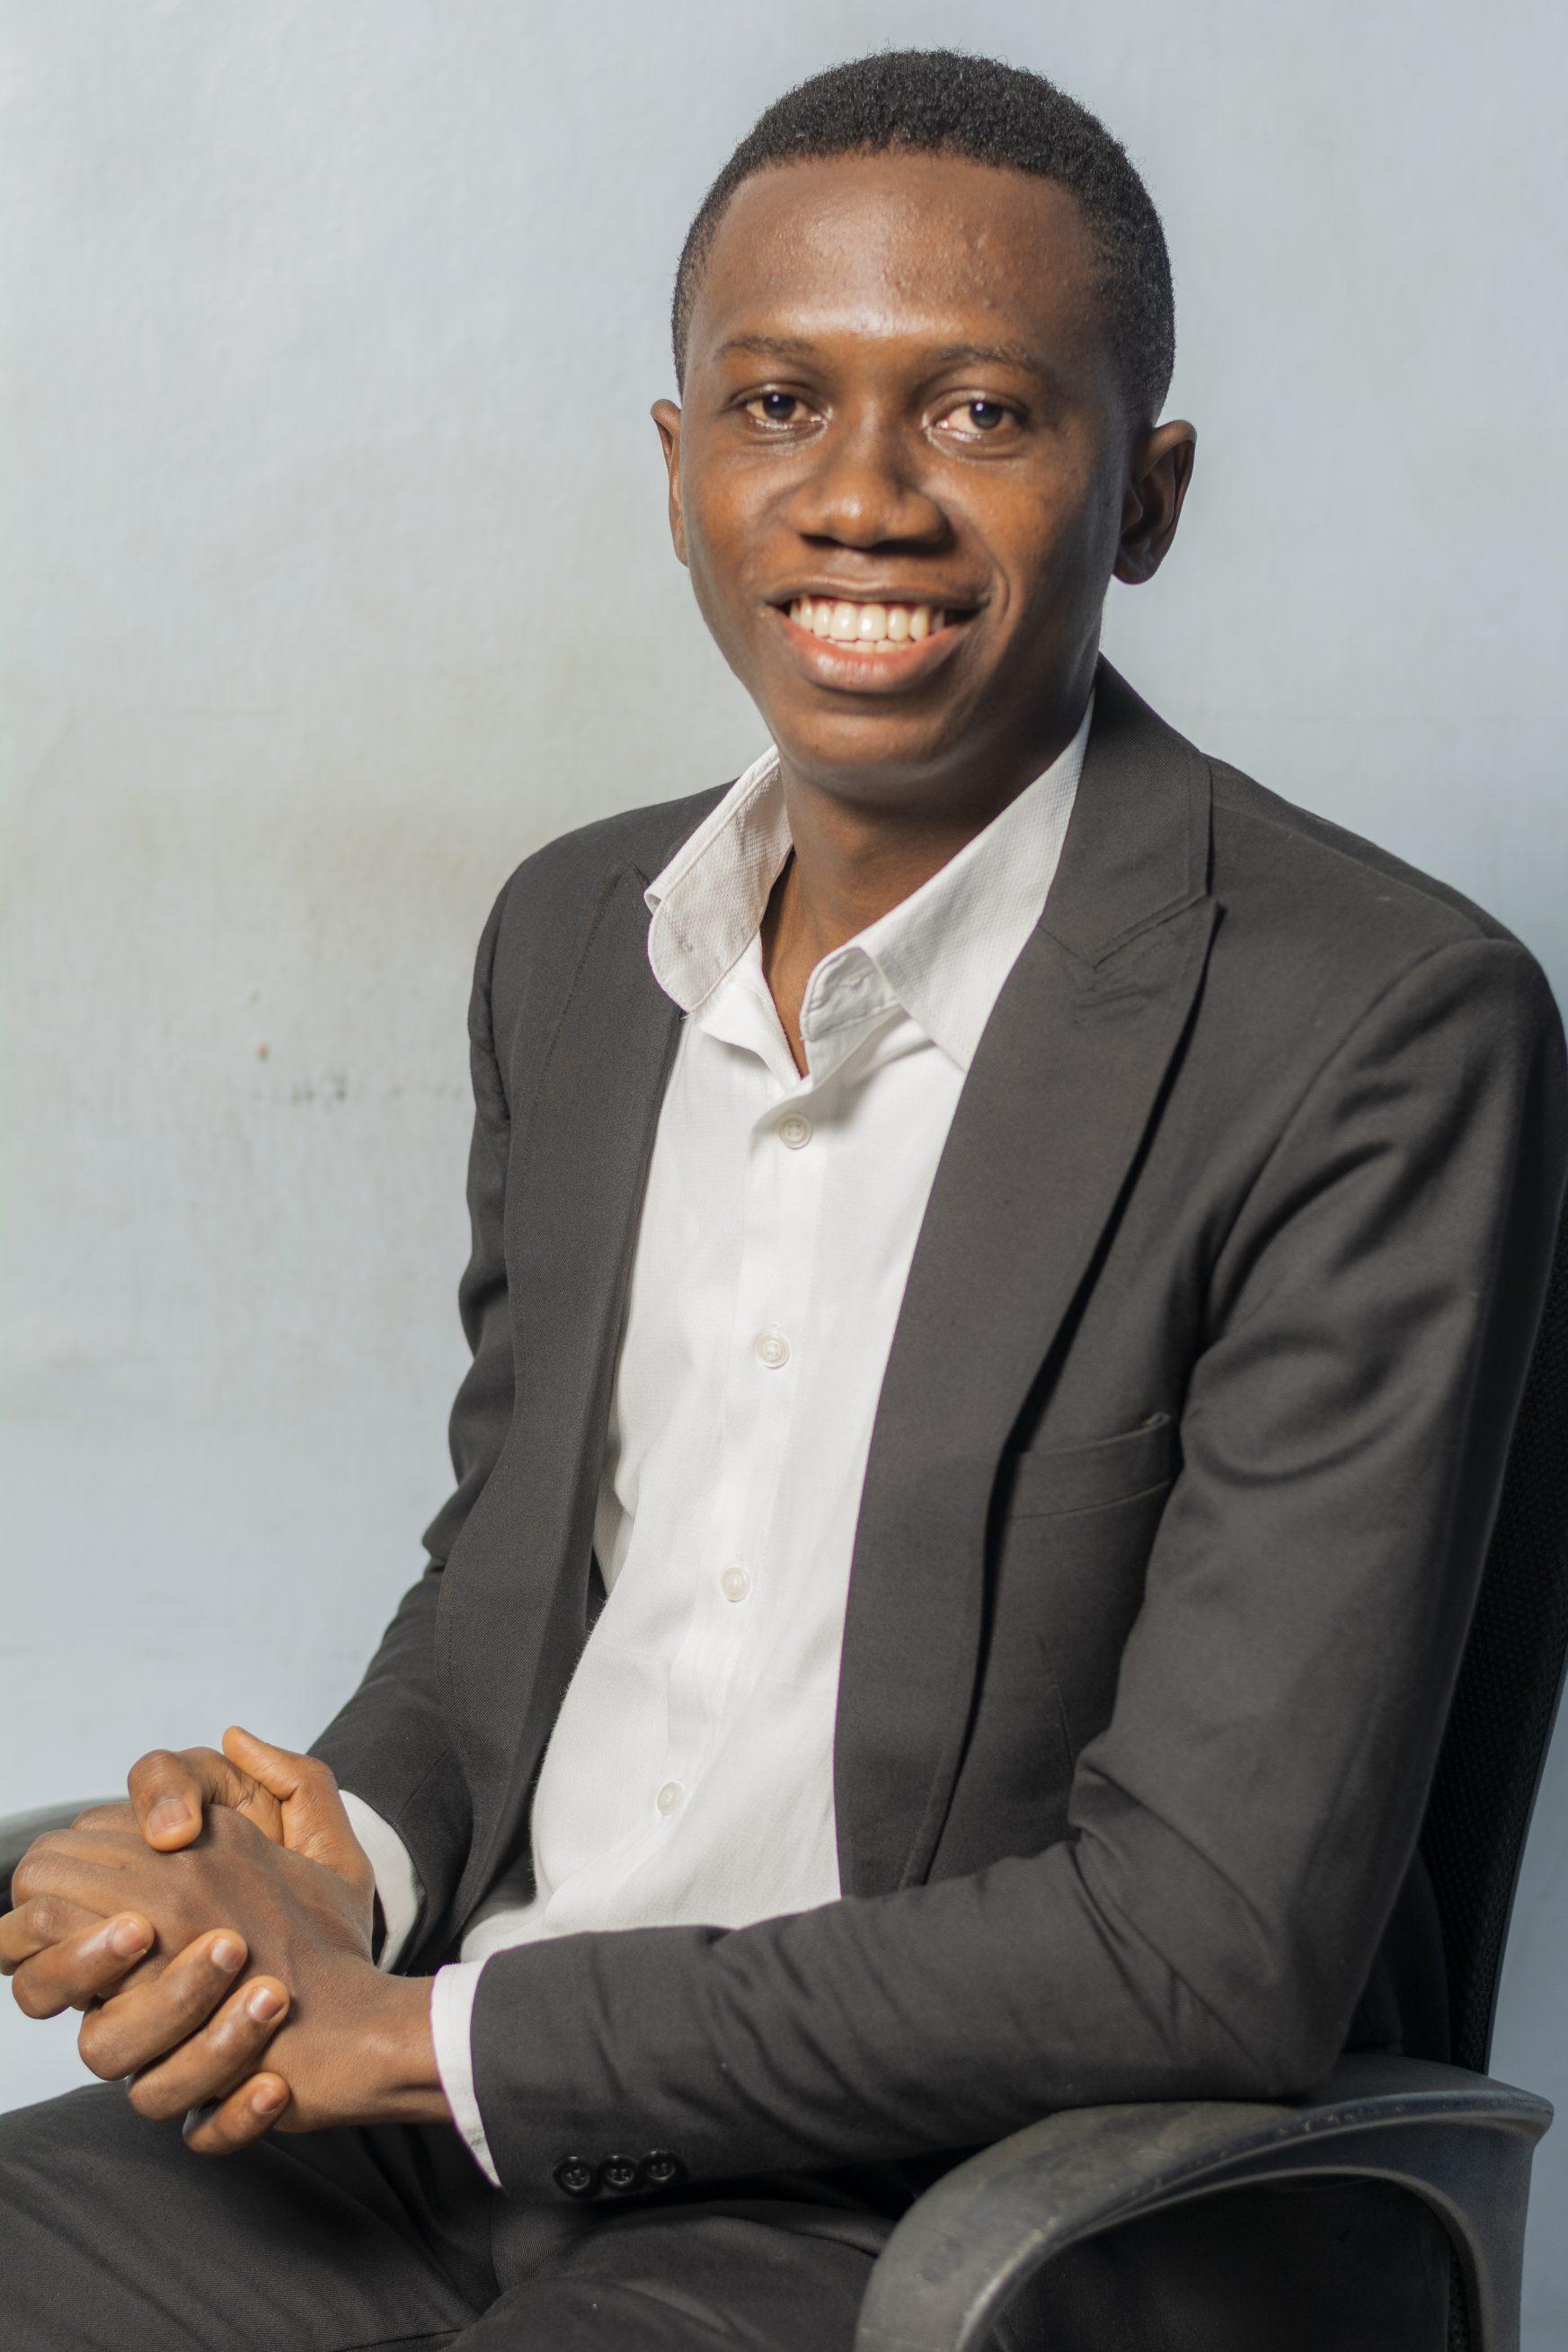 Joseph Uchenna Ibeh